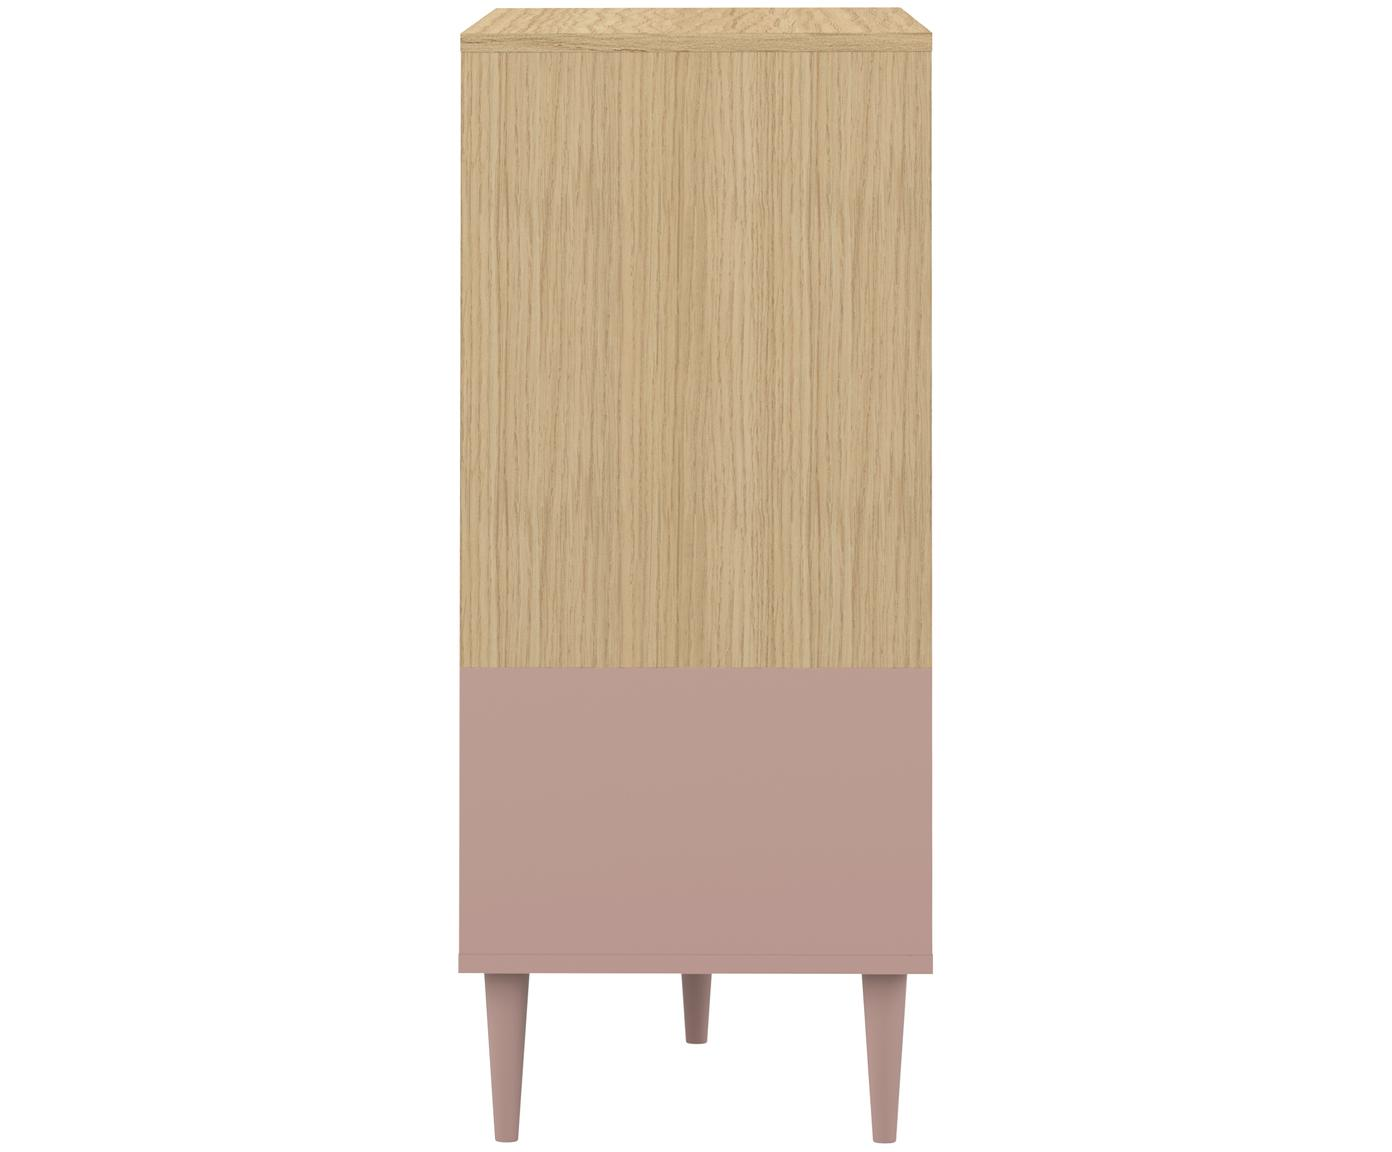 Komoda scandi Horizon, Korpus: płyta wiórowa pokryta mel, Nogi: lite drewno bukowe, lakie, Drewno dębowe, brudny różowy, S 120 x W 95 cm